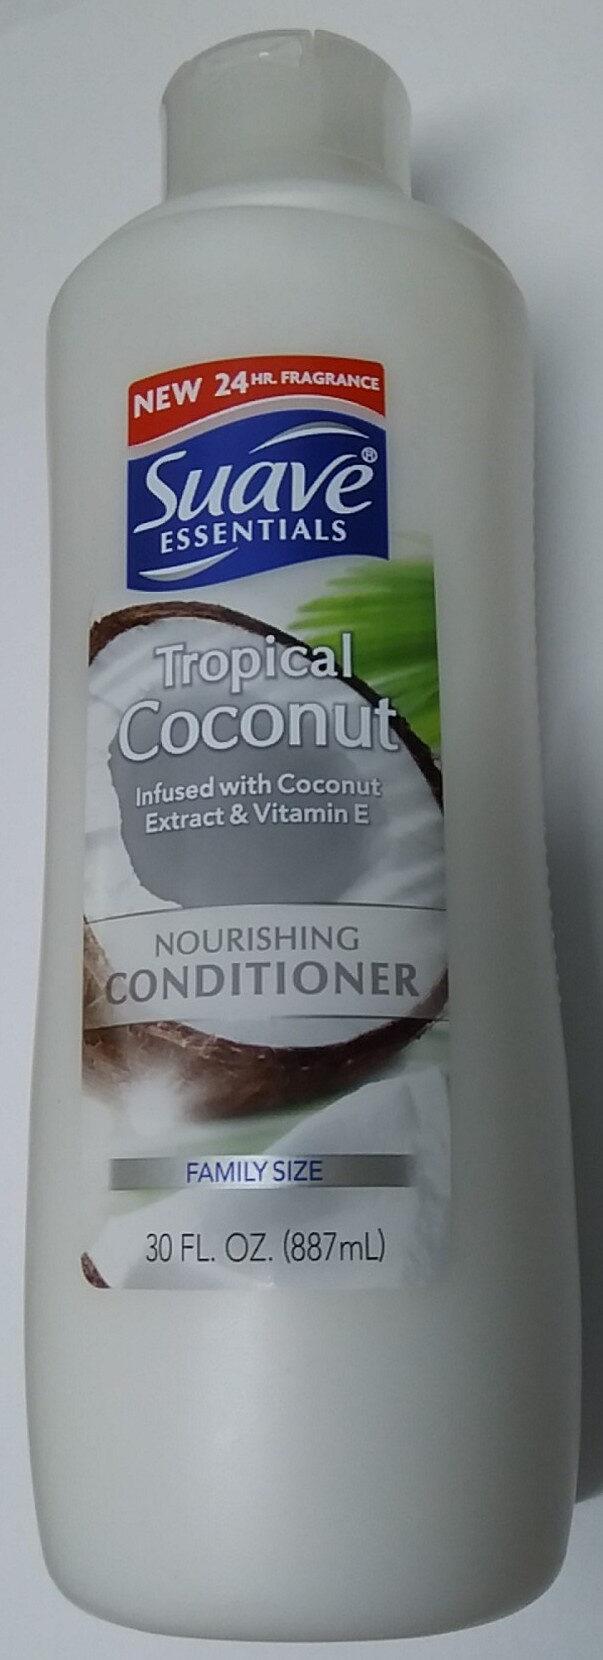 Suave Essentials Tropical Coconut Nourishing Conditioner - Product